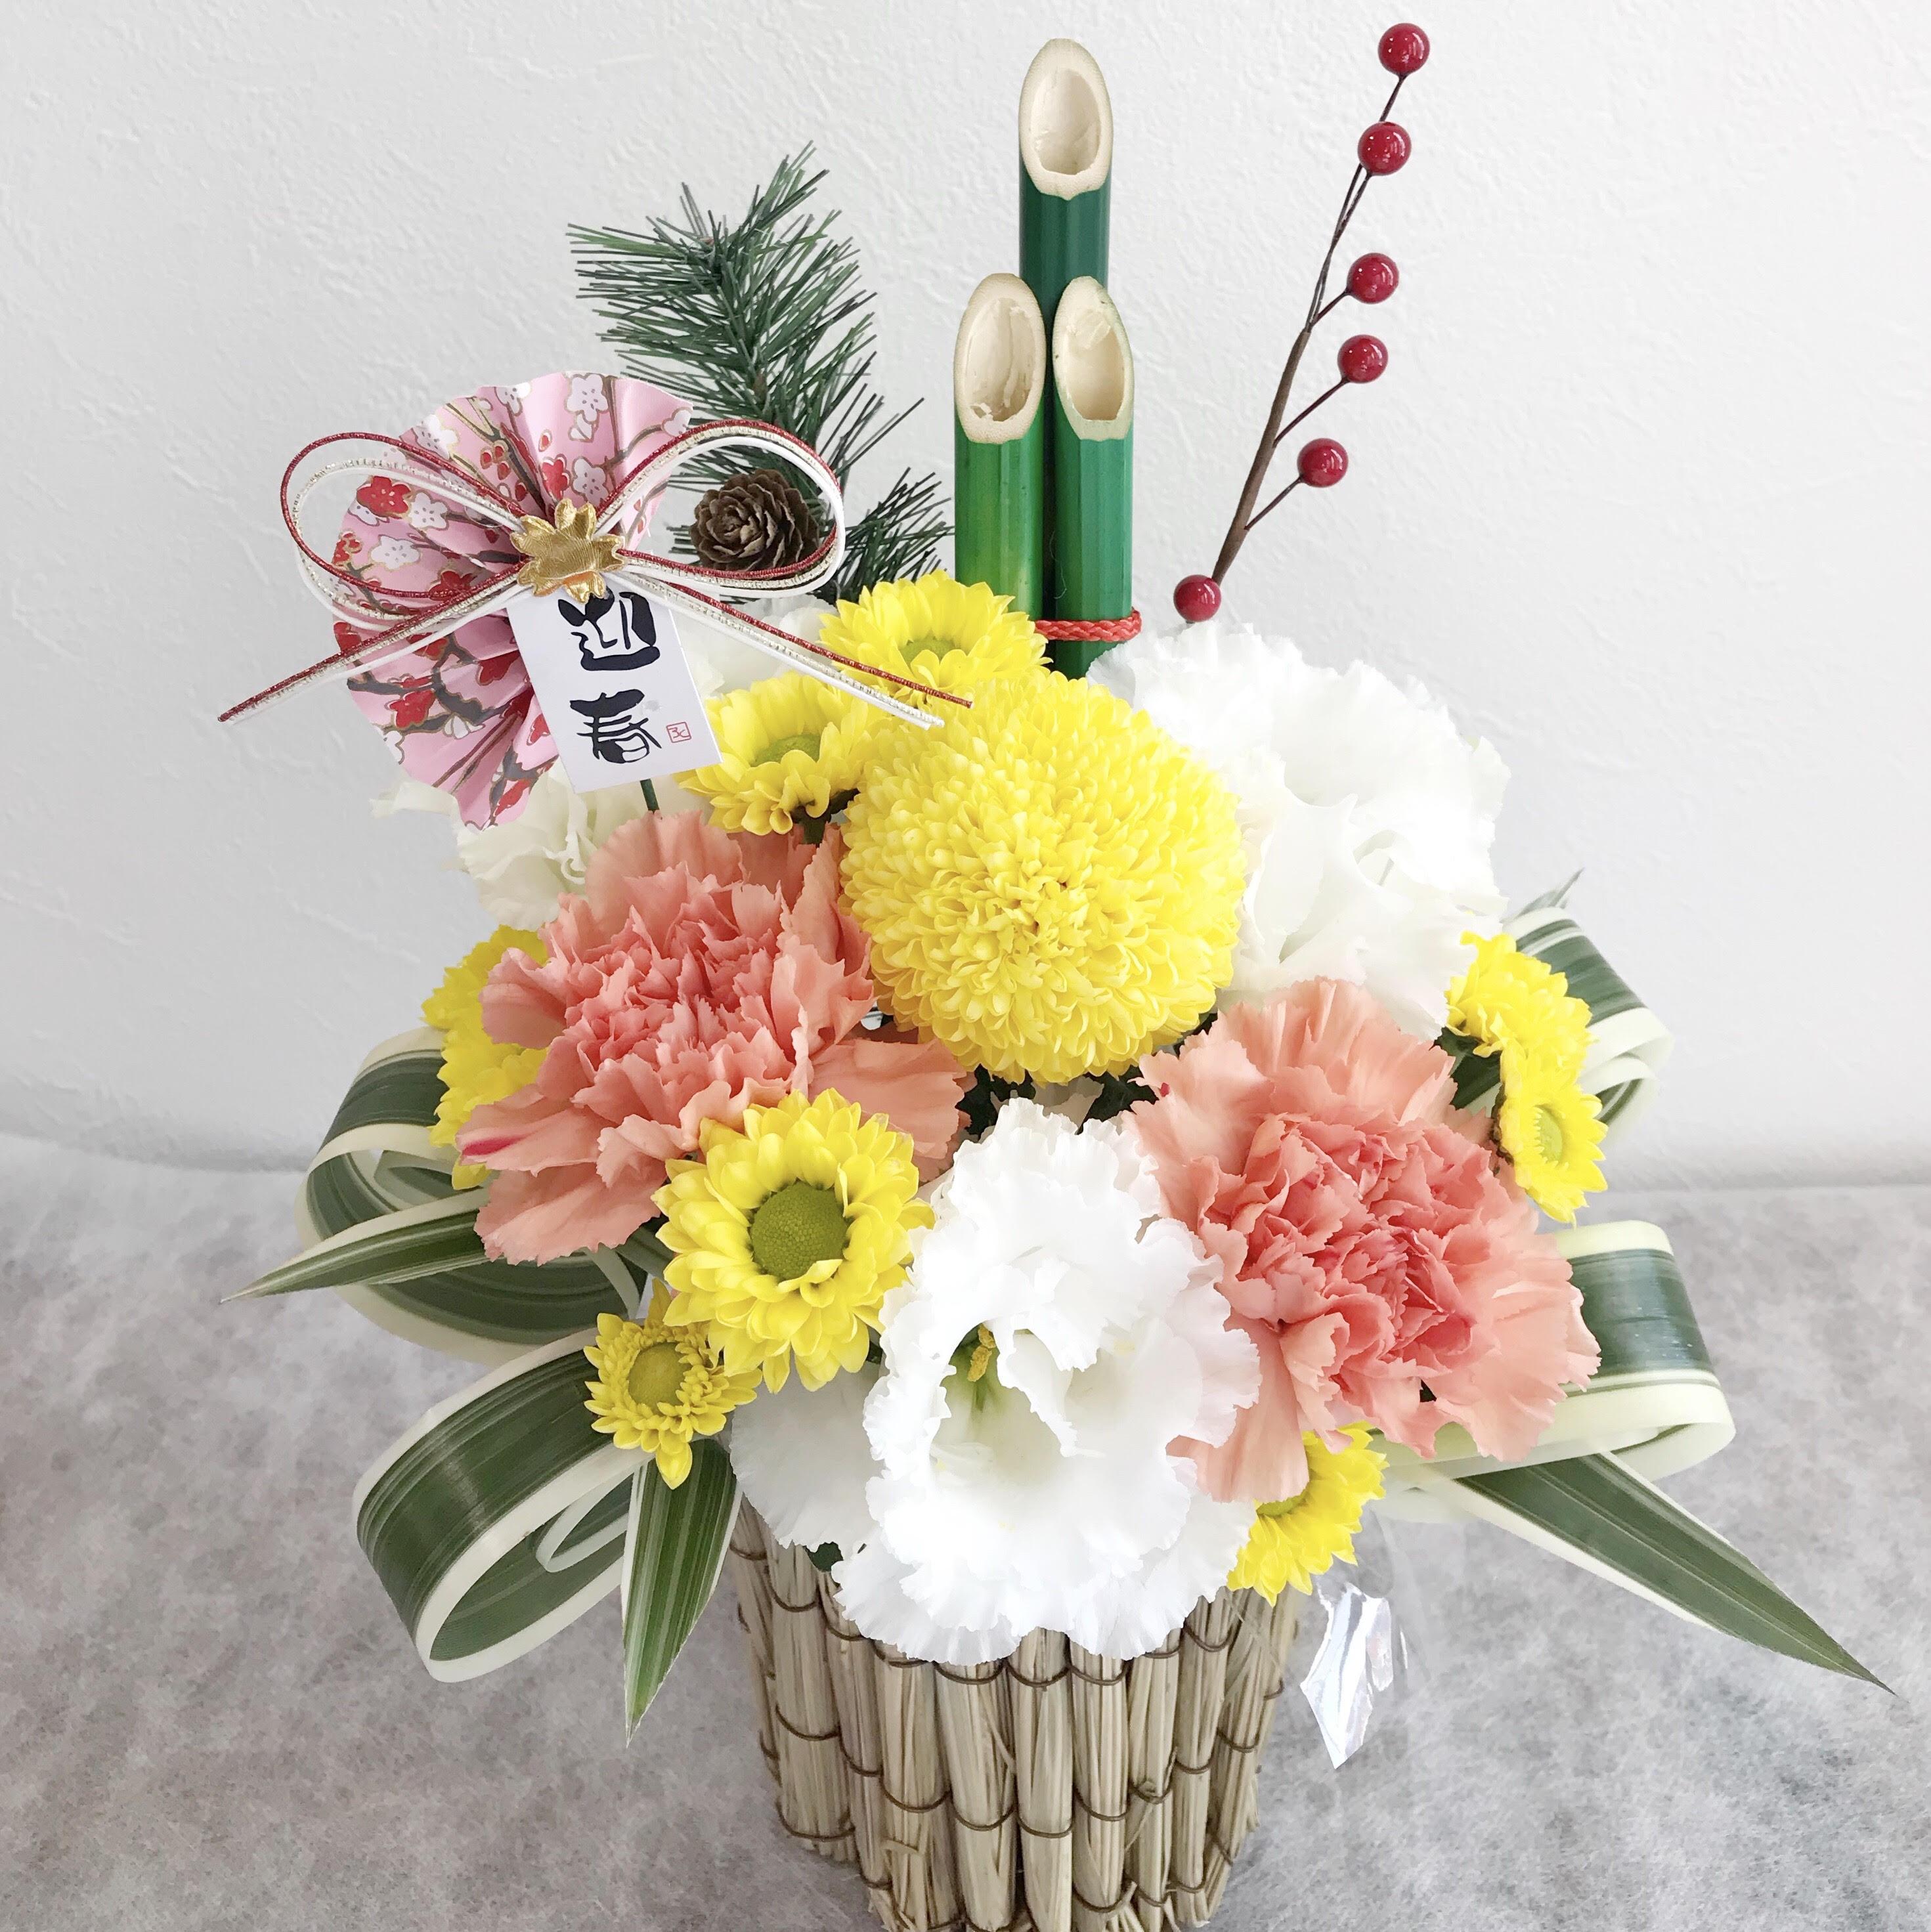 華やかな門松アレンジメントで気持ちの良い新年を迎えませんか。